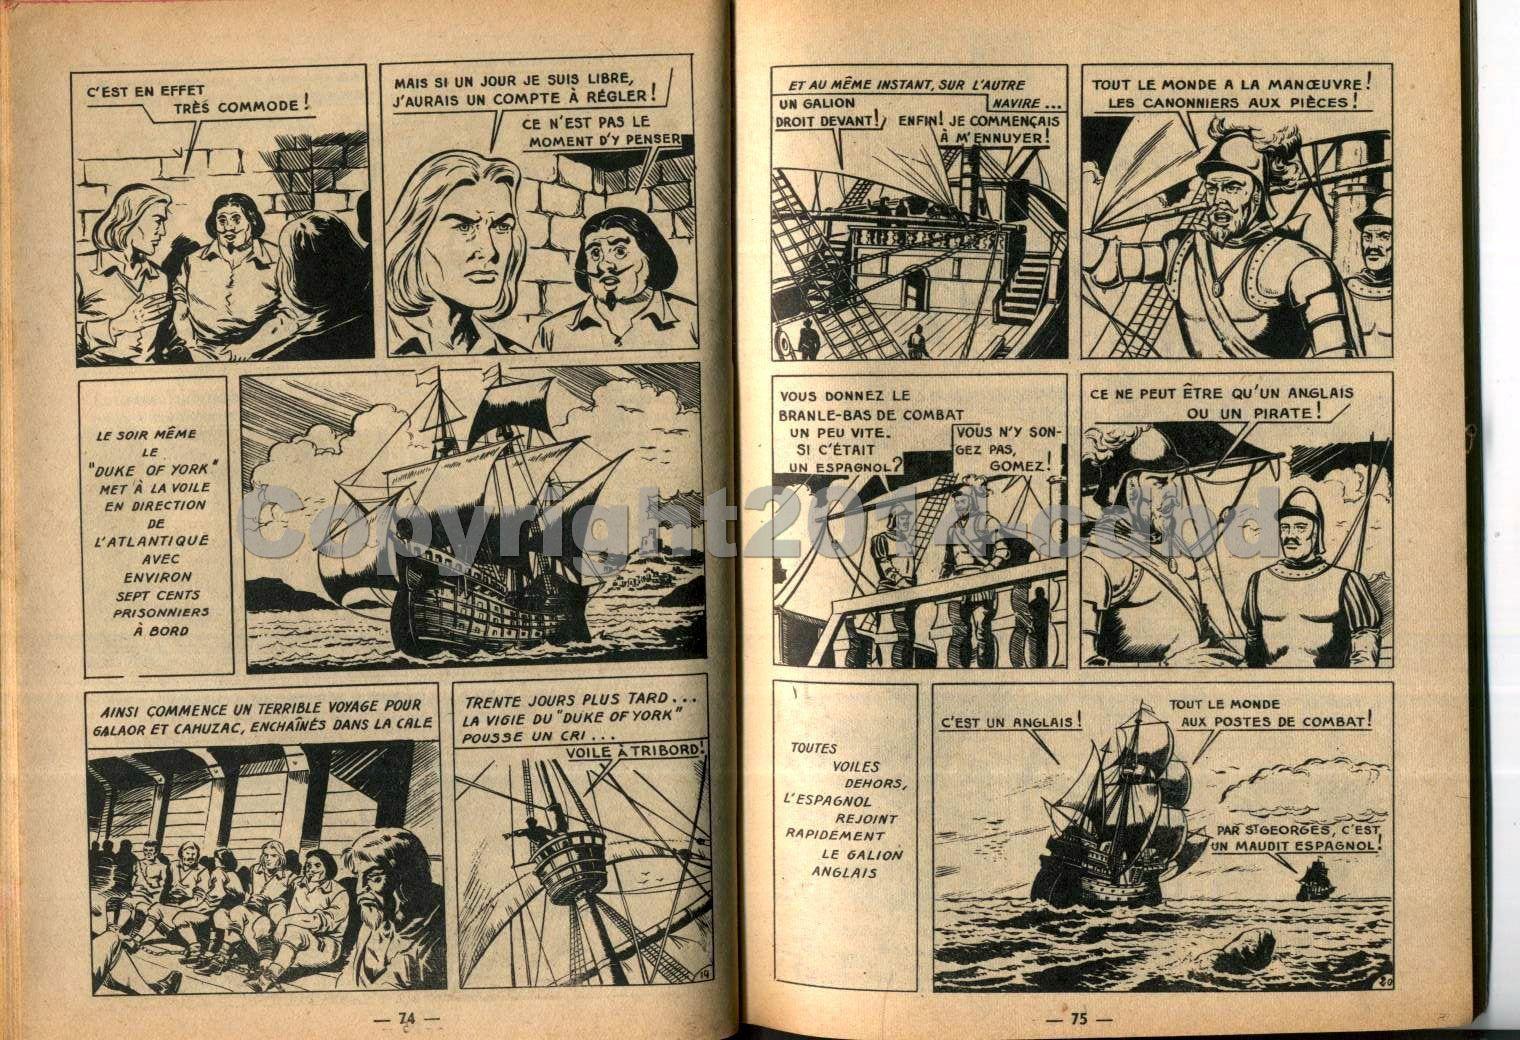 Yuma mensuel n°9 - Juillet 1963- pages 29 à 40